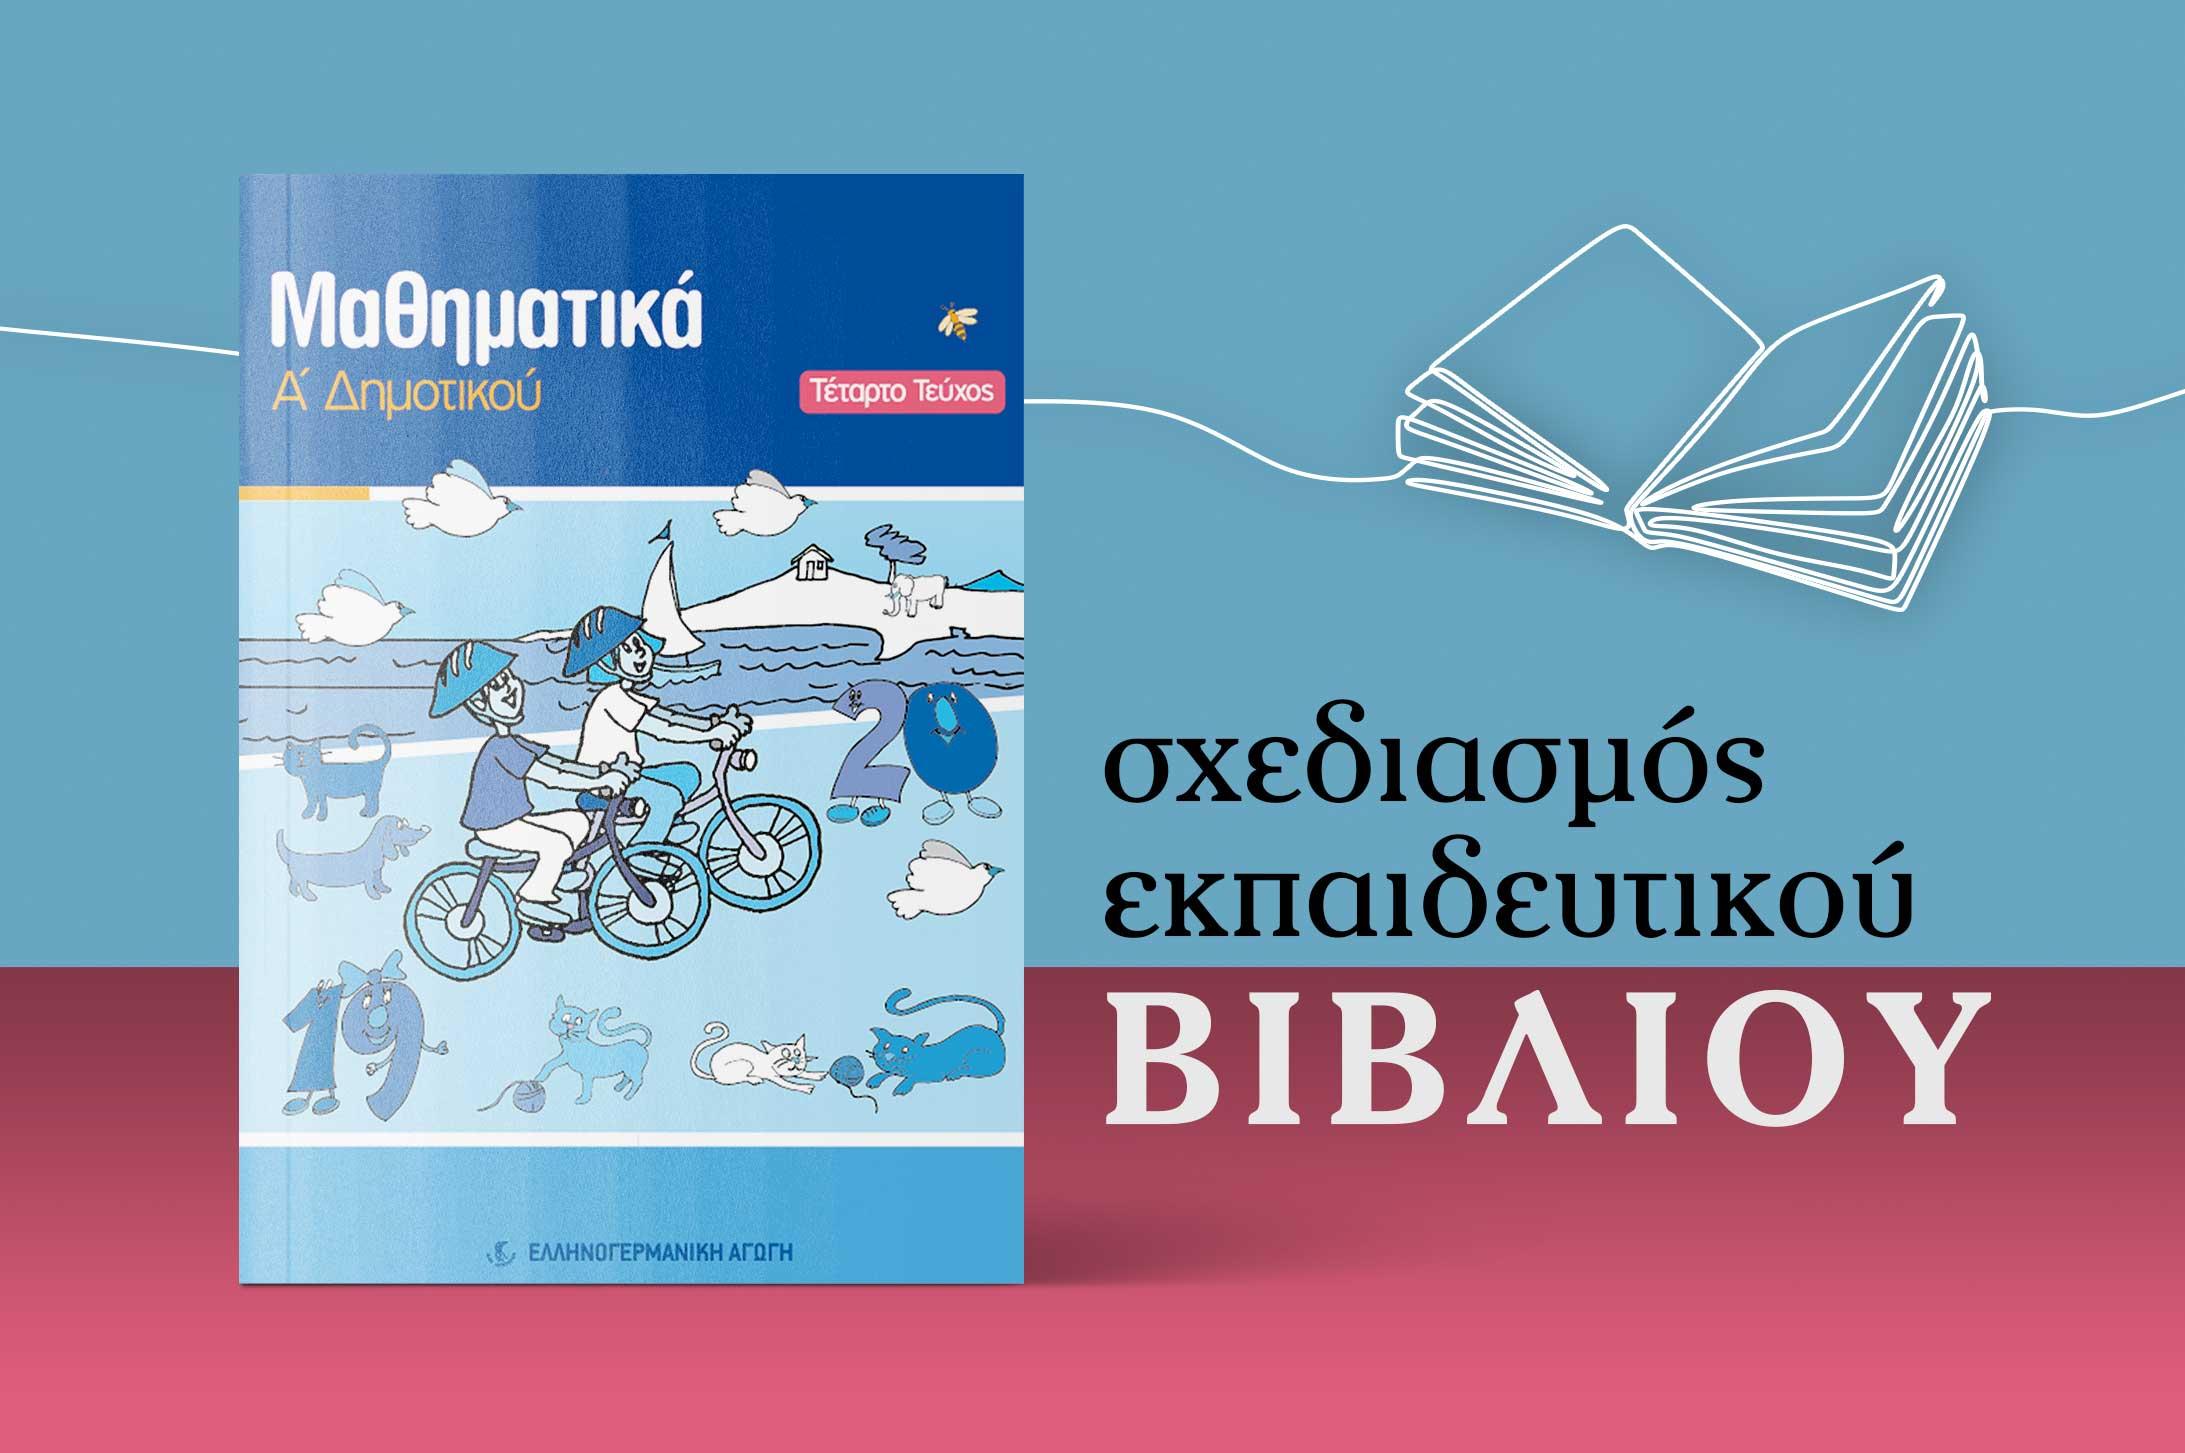 Σχεδιασμός εκπαιδευτικού βιβλίου